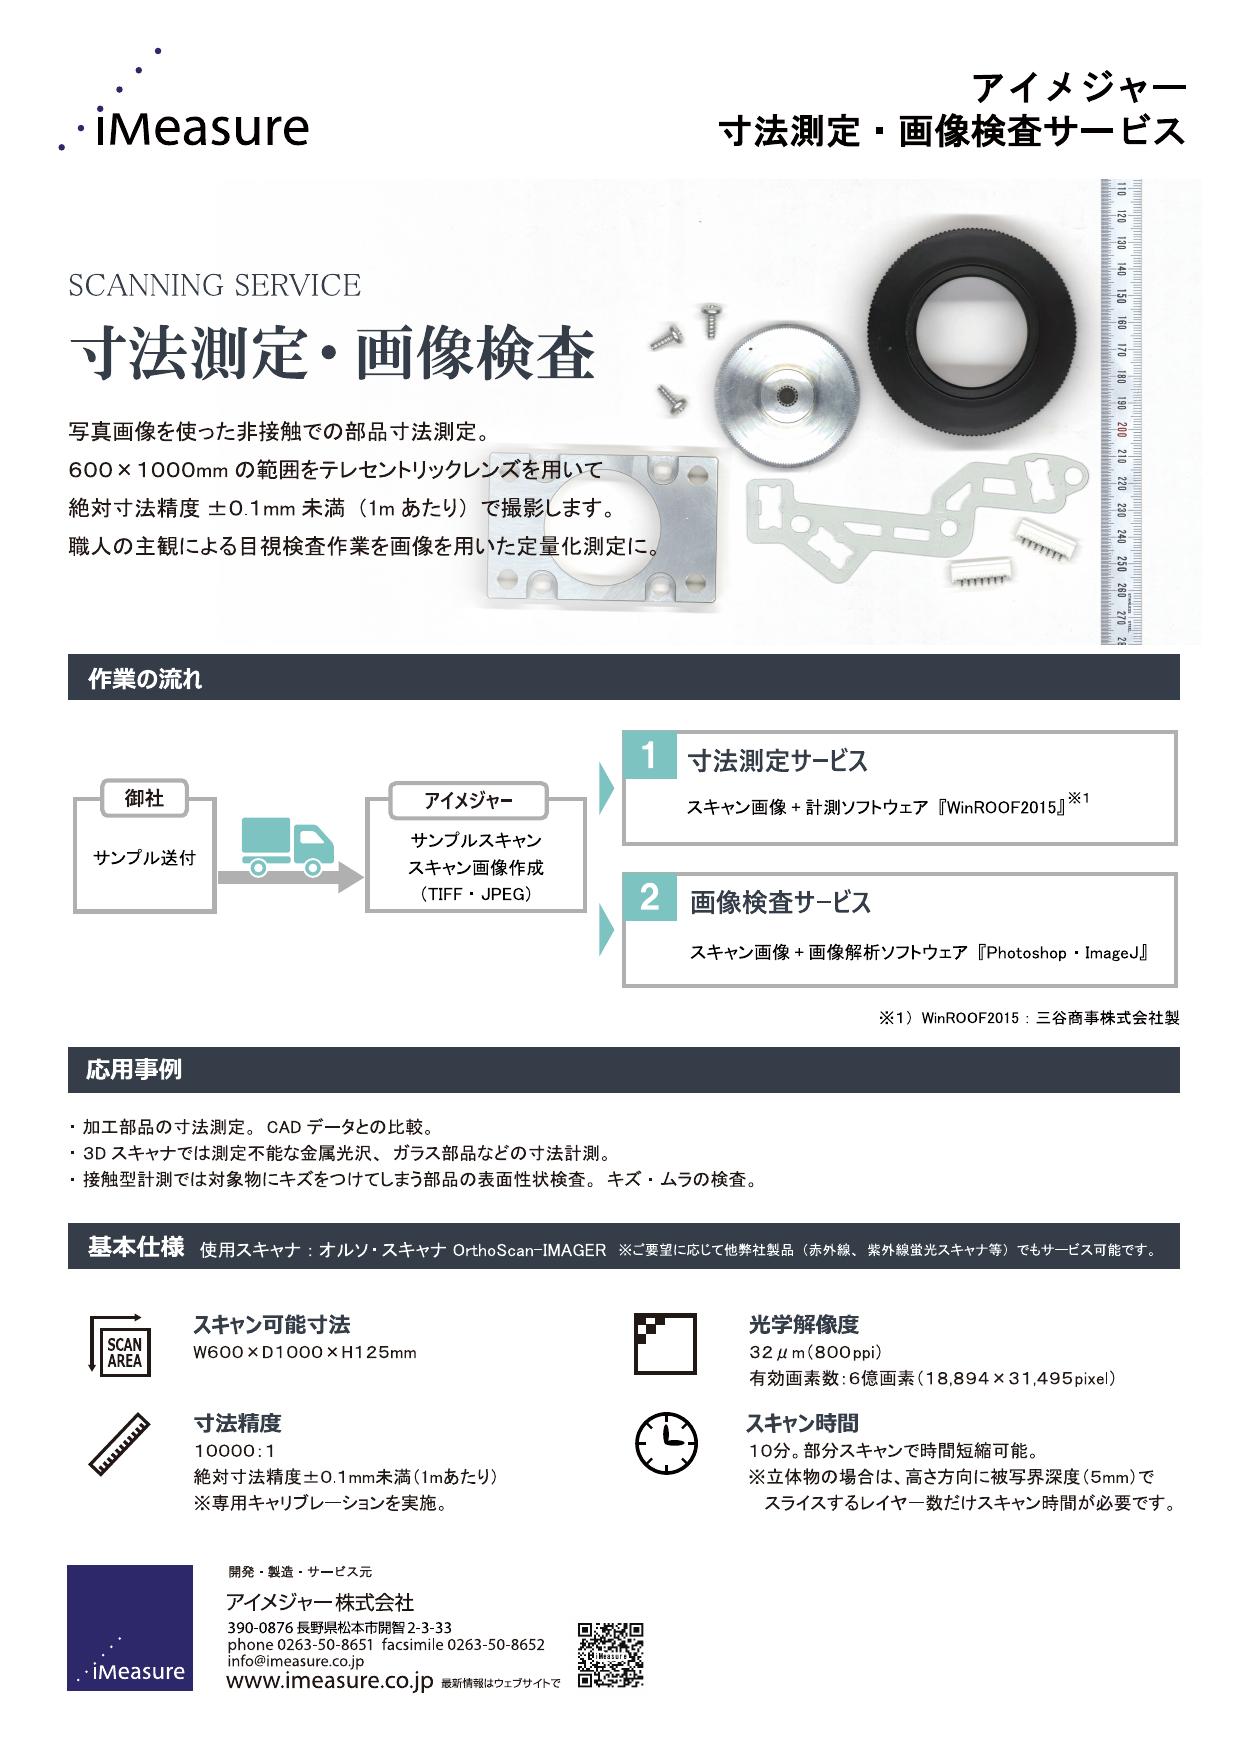 アイメジャー 寸法測定・画像検査サービス